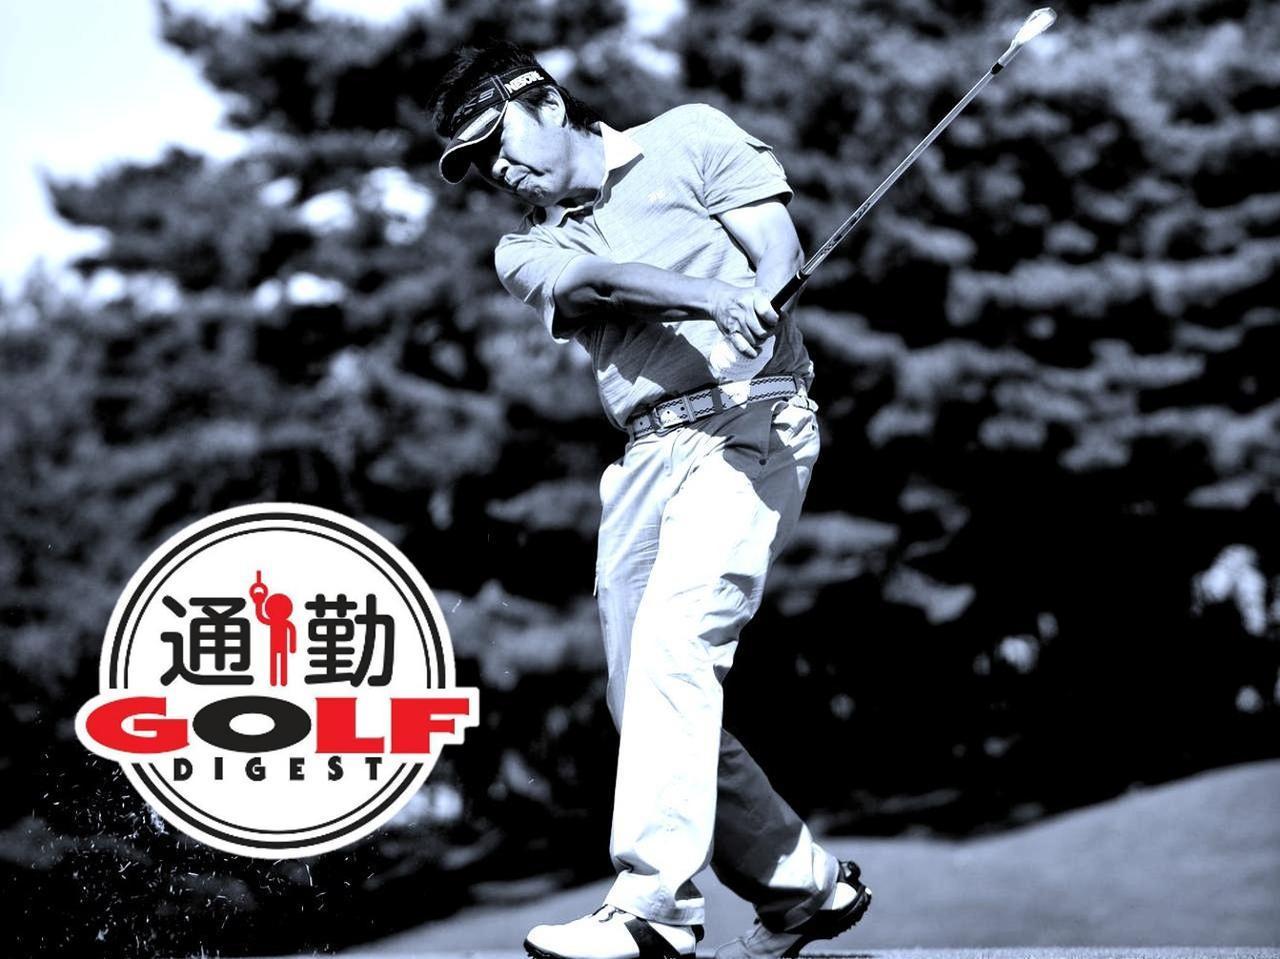 画像: 【通勤GD】高松志門・奥田靖己の一行レッスンVol.27「ナイスショットの理由を探すな」ゴルフダイジェストWEB - ゴルフへ行こうWEB by ゴルフダイジェスト